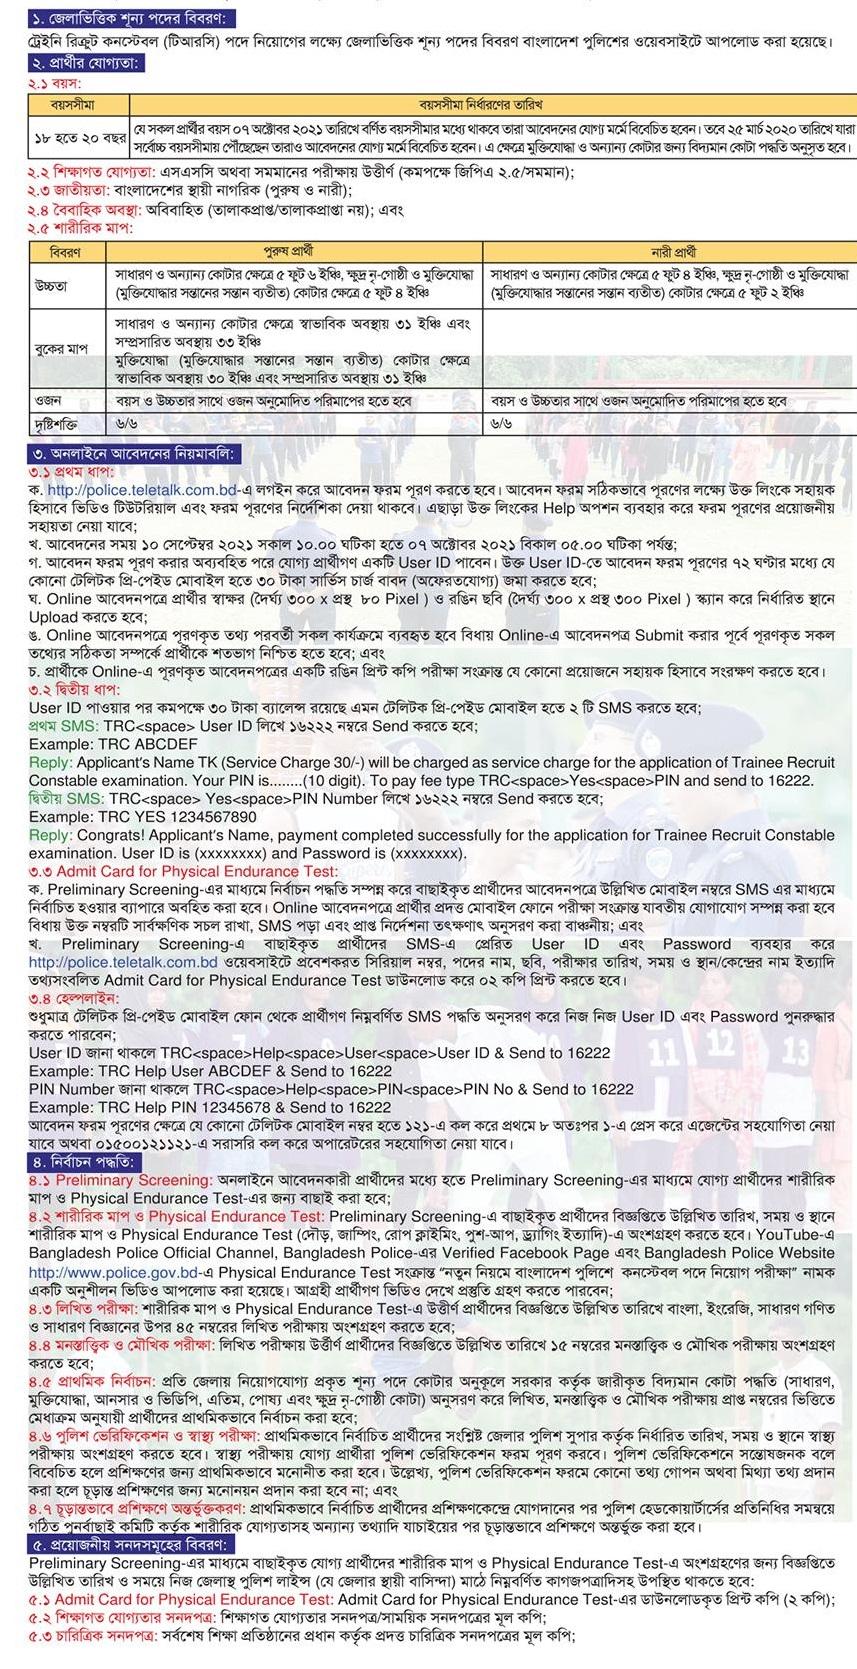 ট্রেইনি রিক্রুট কনস্টেবল টিআর নিয়োগ ২০২১ - বাংলাদেশ পুলিশ কনস্টেবল পদে নিয়োগ 2021 - Trainee Recruit Constable TR job circular 2021 - Police Constable Job Circular 2021 - পুলিশ কনস্টেবল নিয়োগ ২০২২